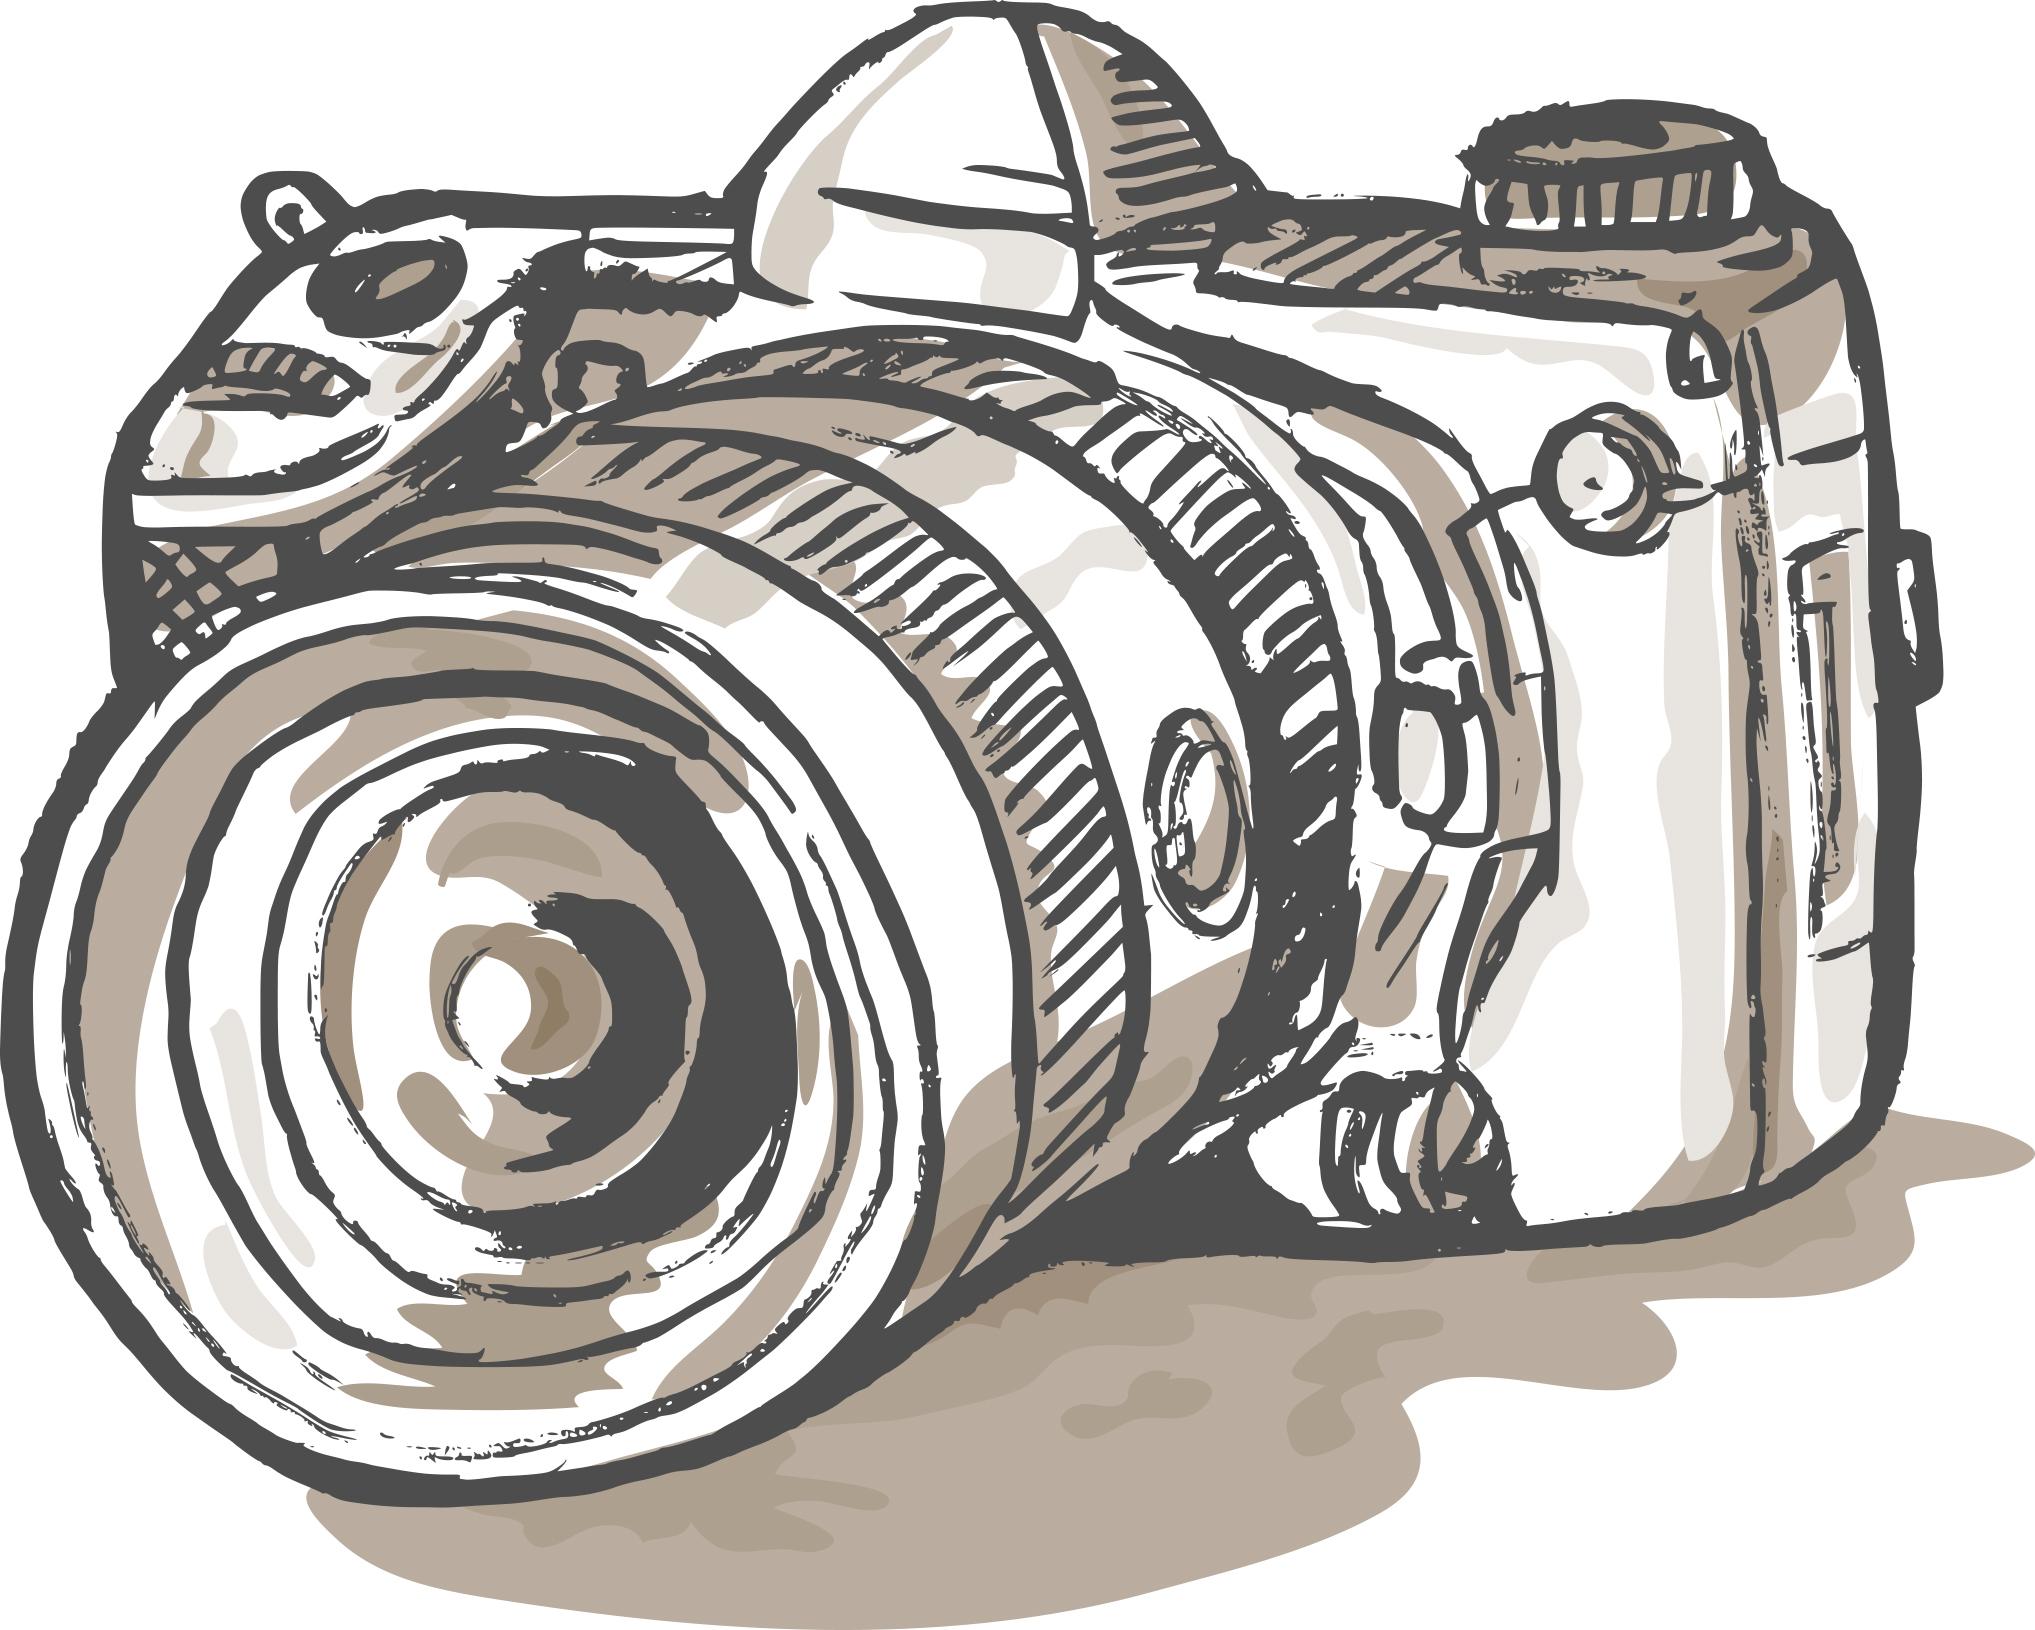 ストップモーションムービーを一眼レフカメラで